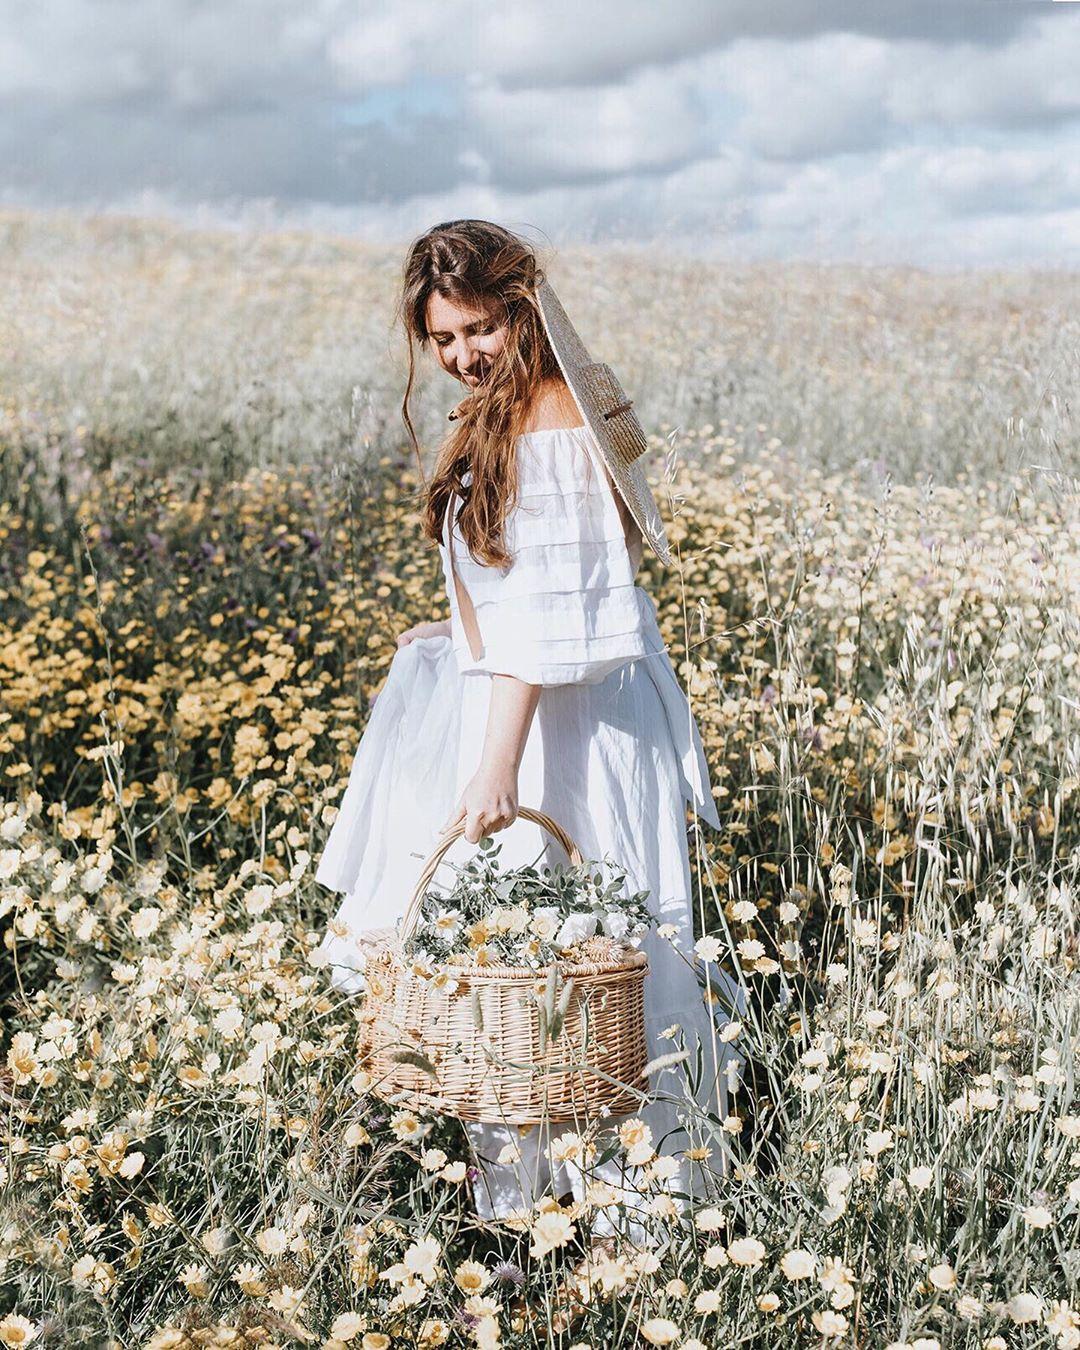 Cô gái mặc váy trắng, đội mũ cói, xách túi cói phong cách thời trang Cottagecore